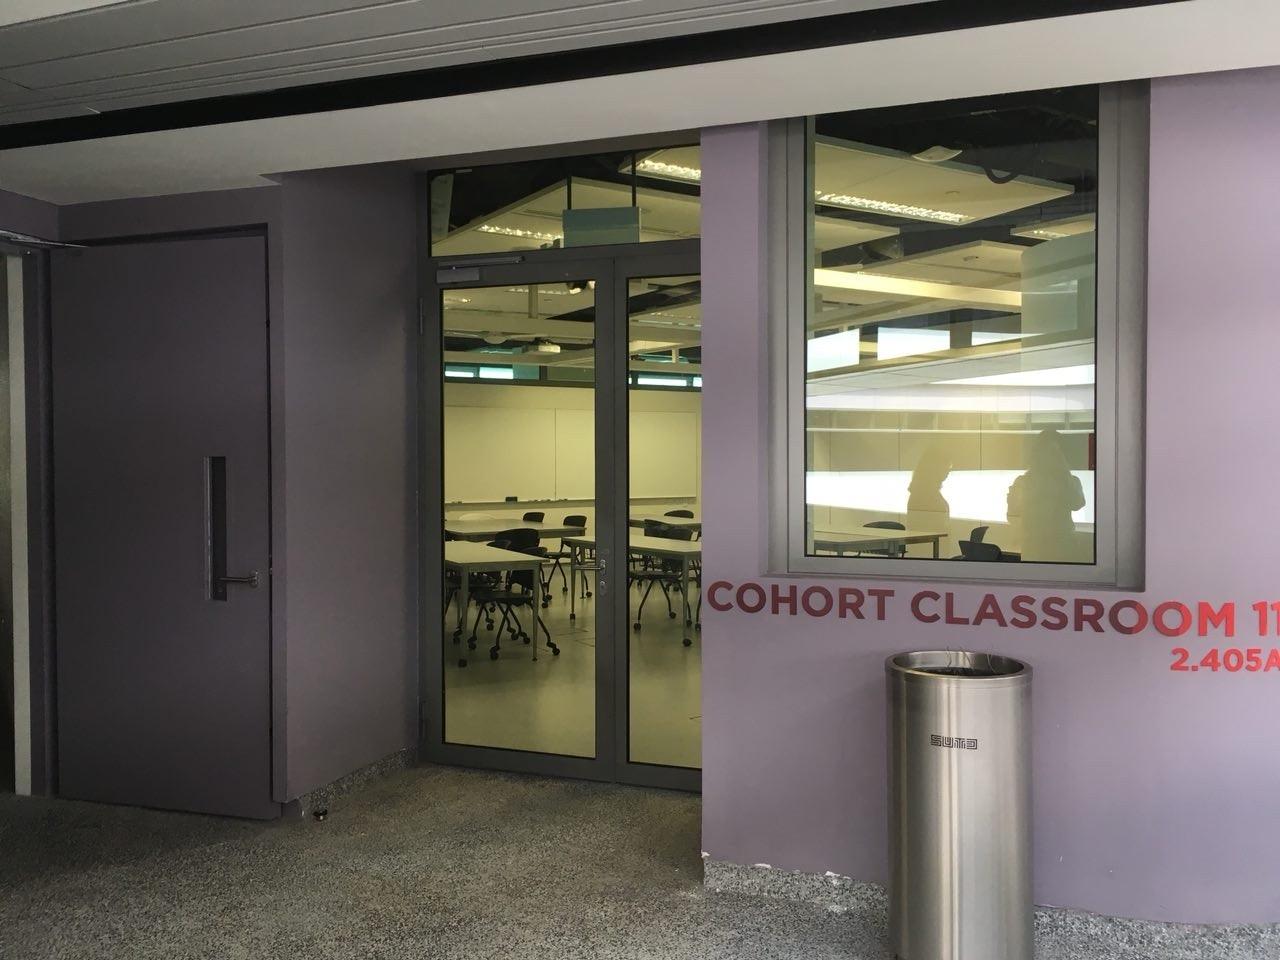 cohort classroom